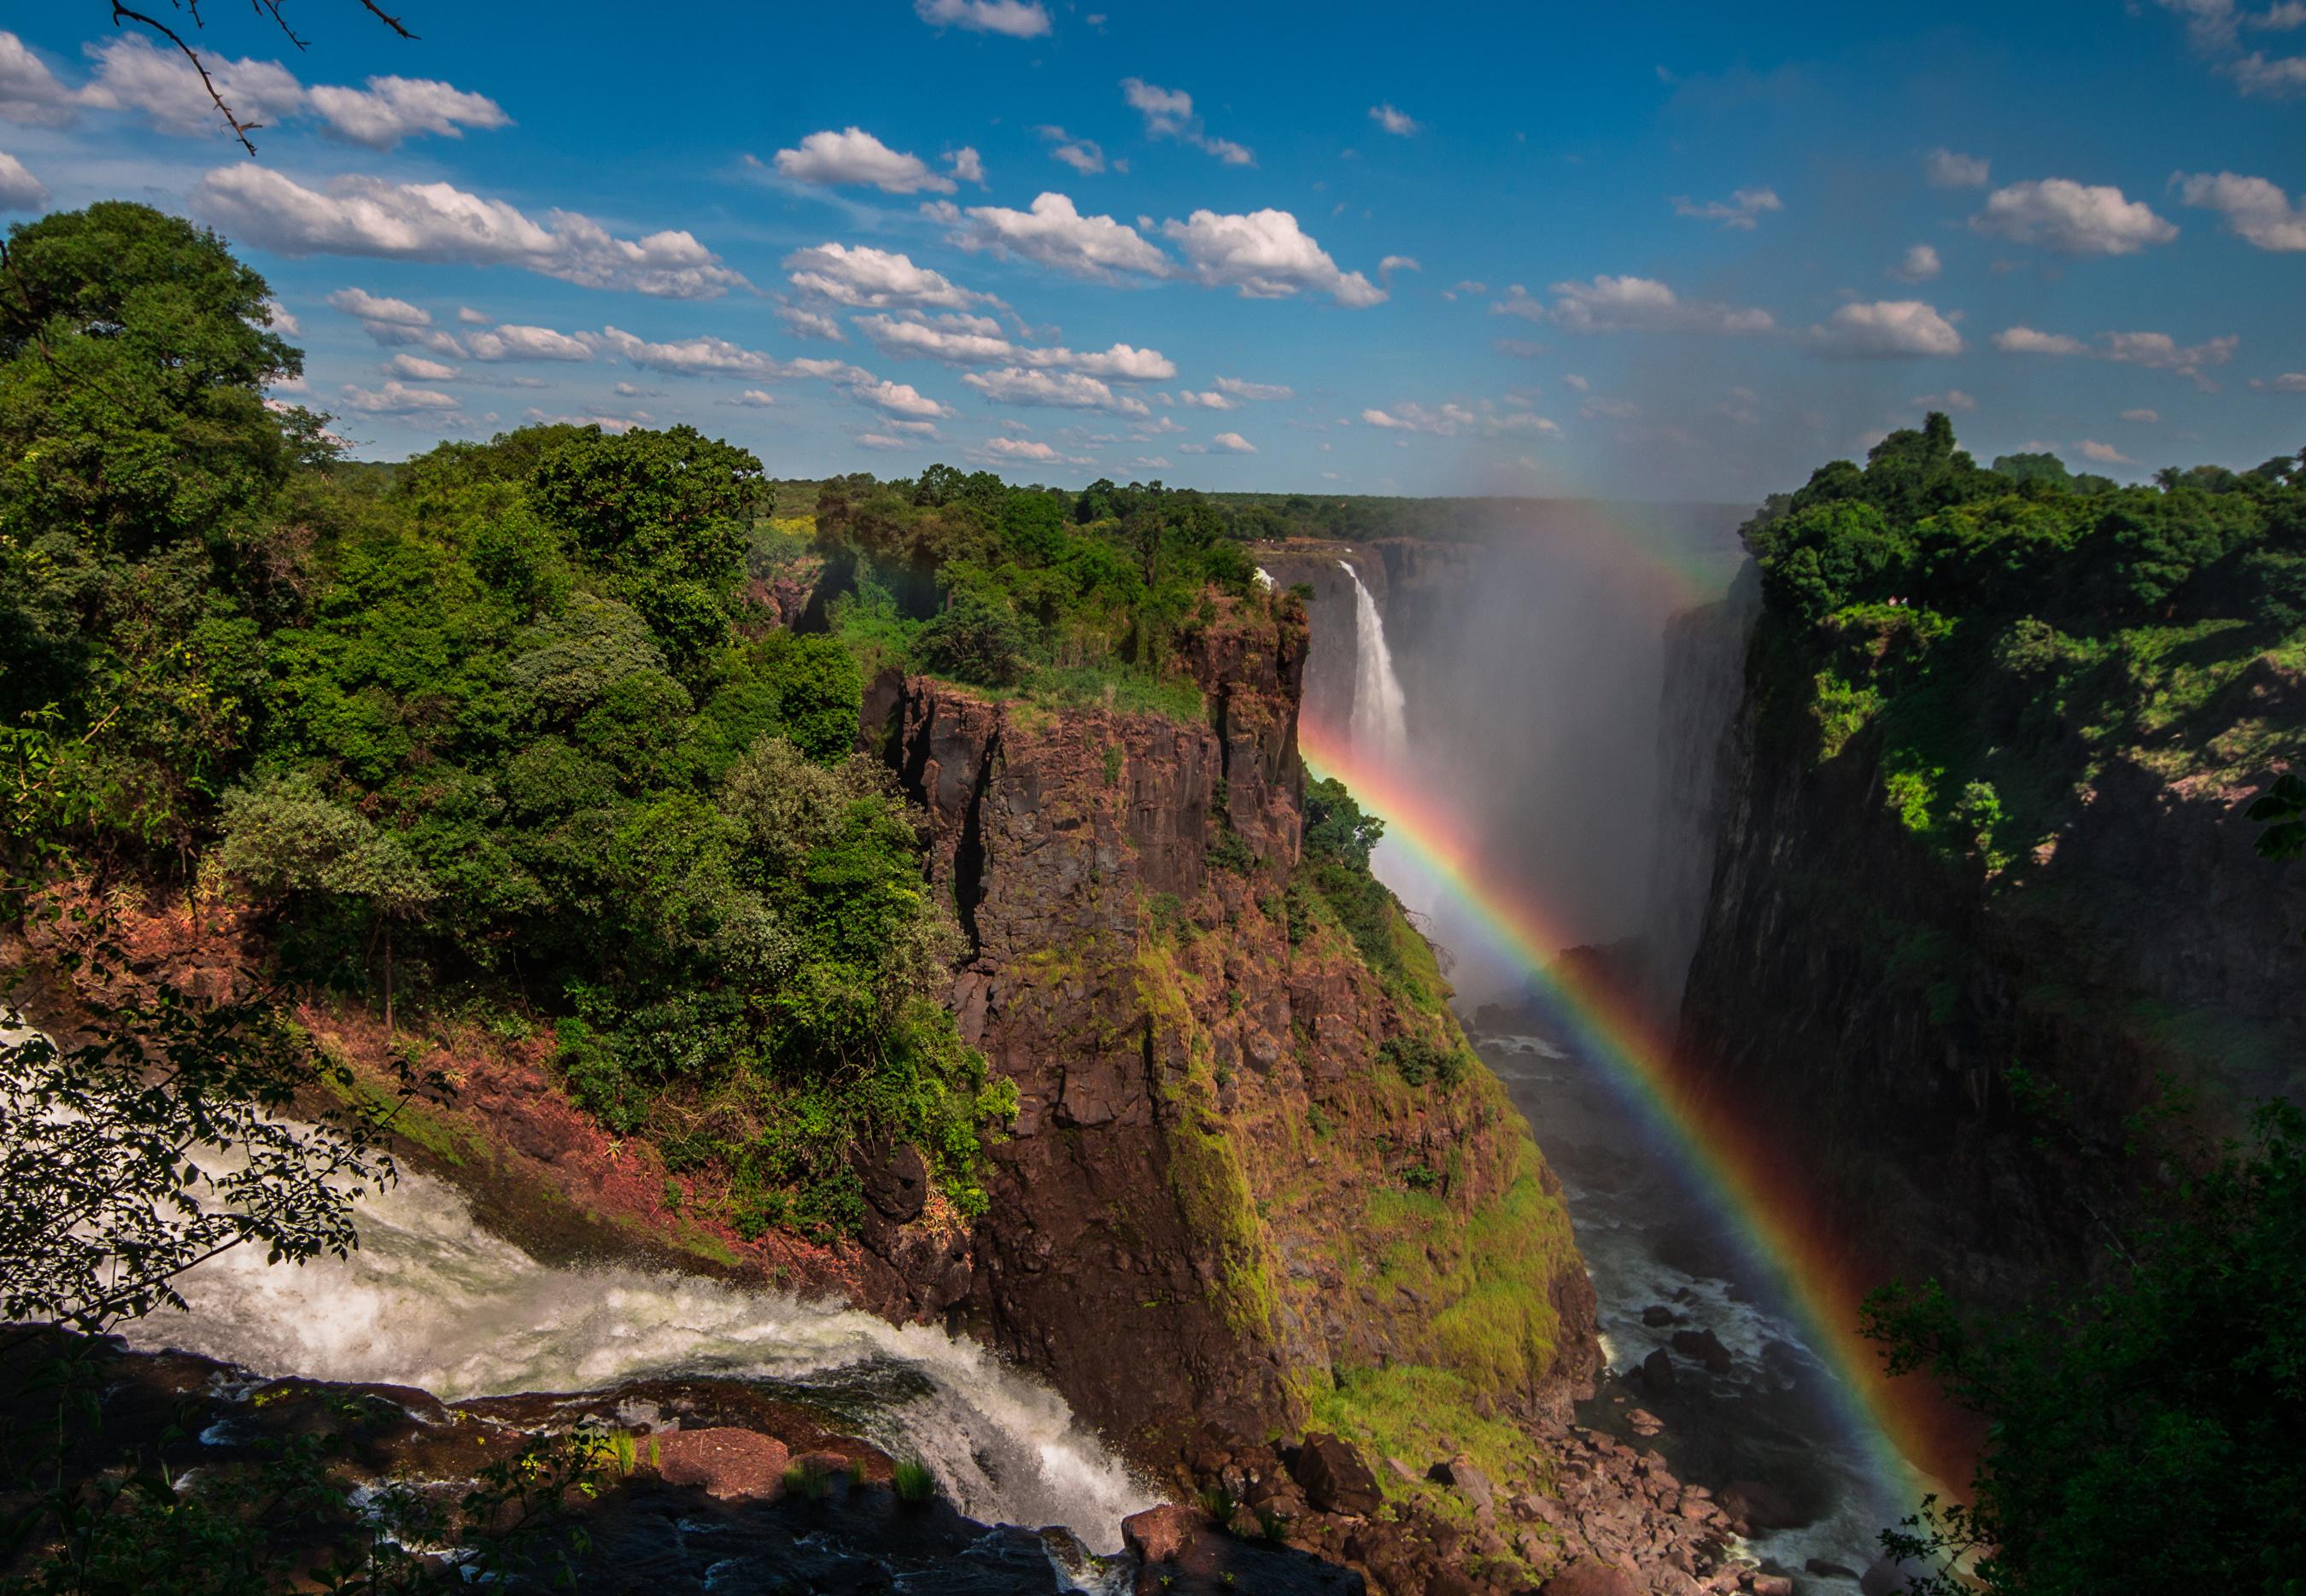 Фото Victoria Falls Zimbabwe Скала Радуга Природа Водопады кустов Утес скале скалы радуги Кусты